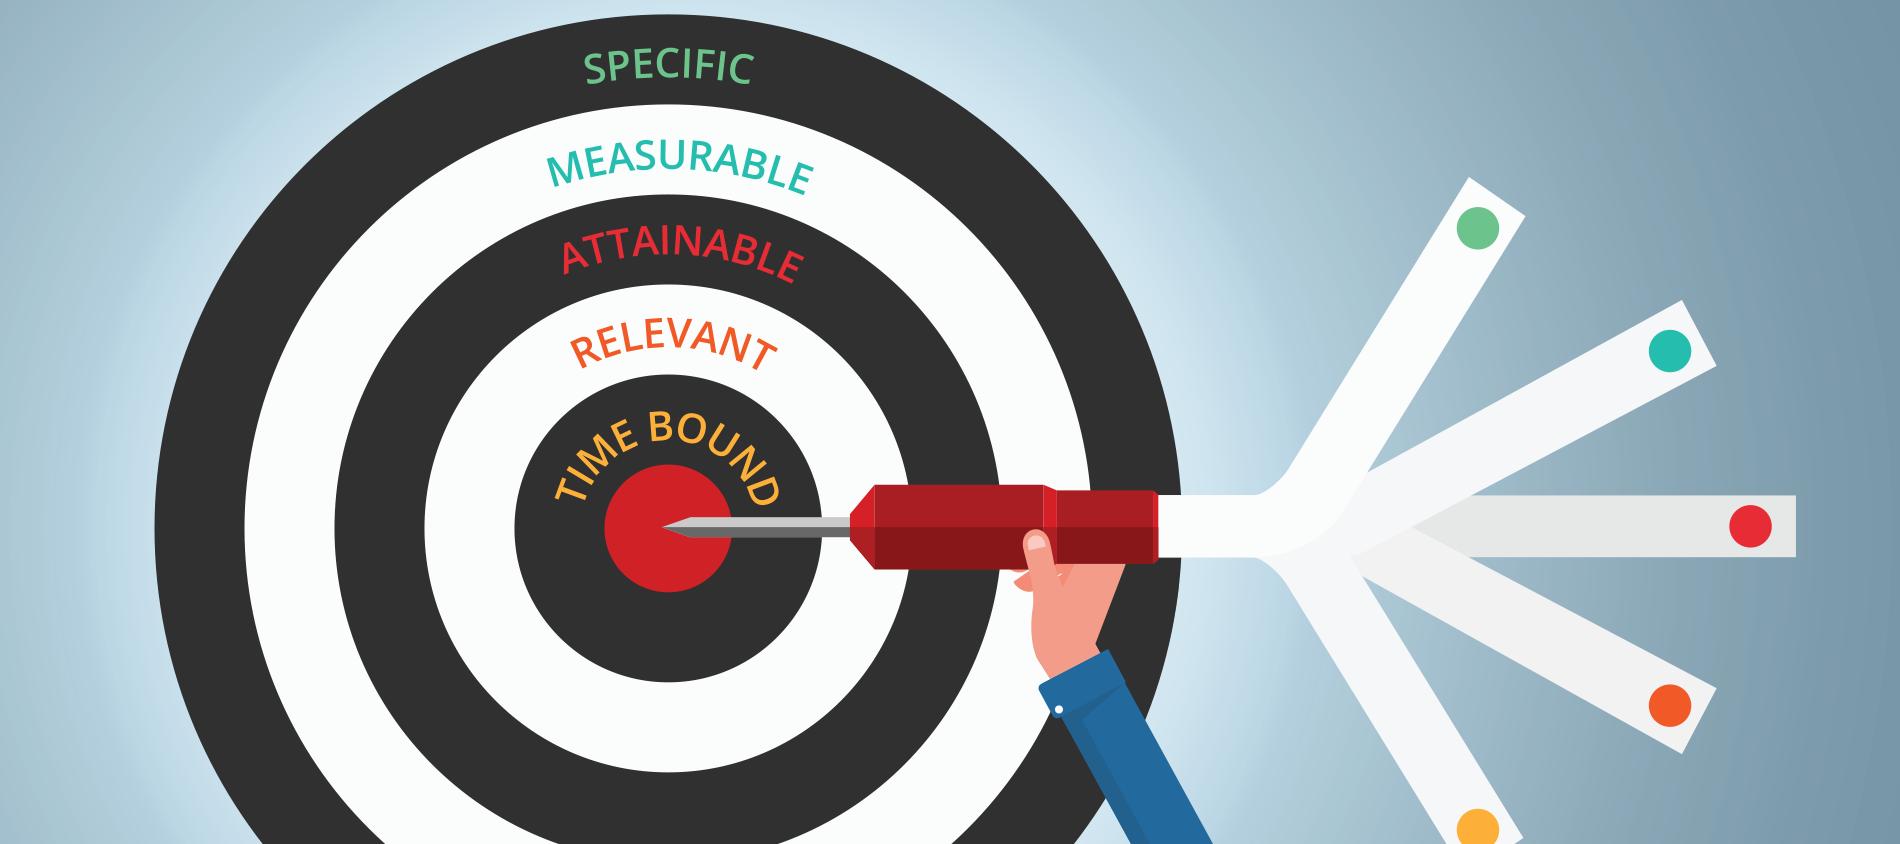 ¿Qué son los objetivos SMART?